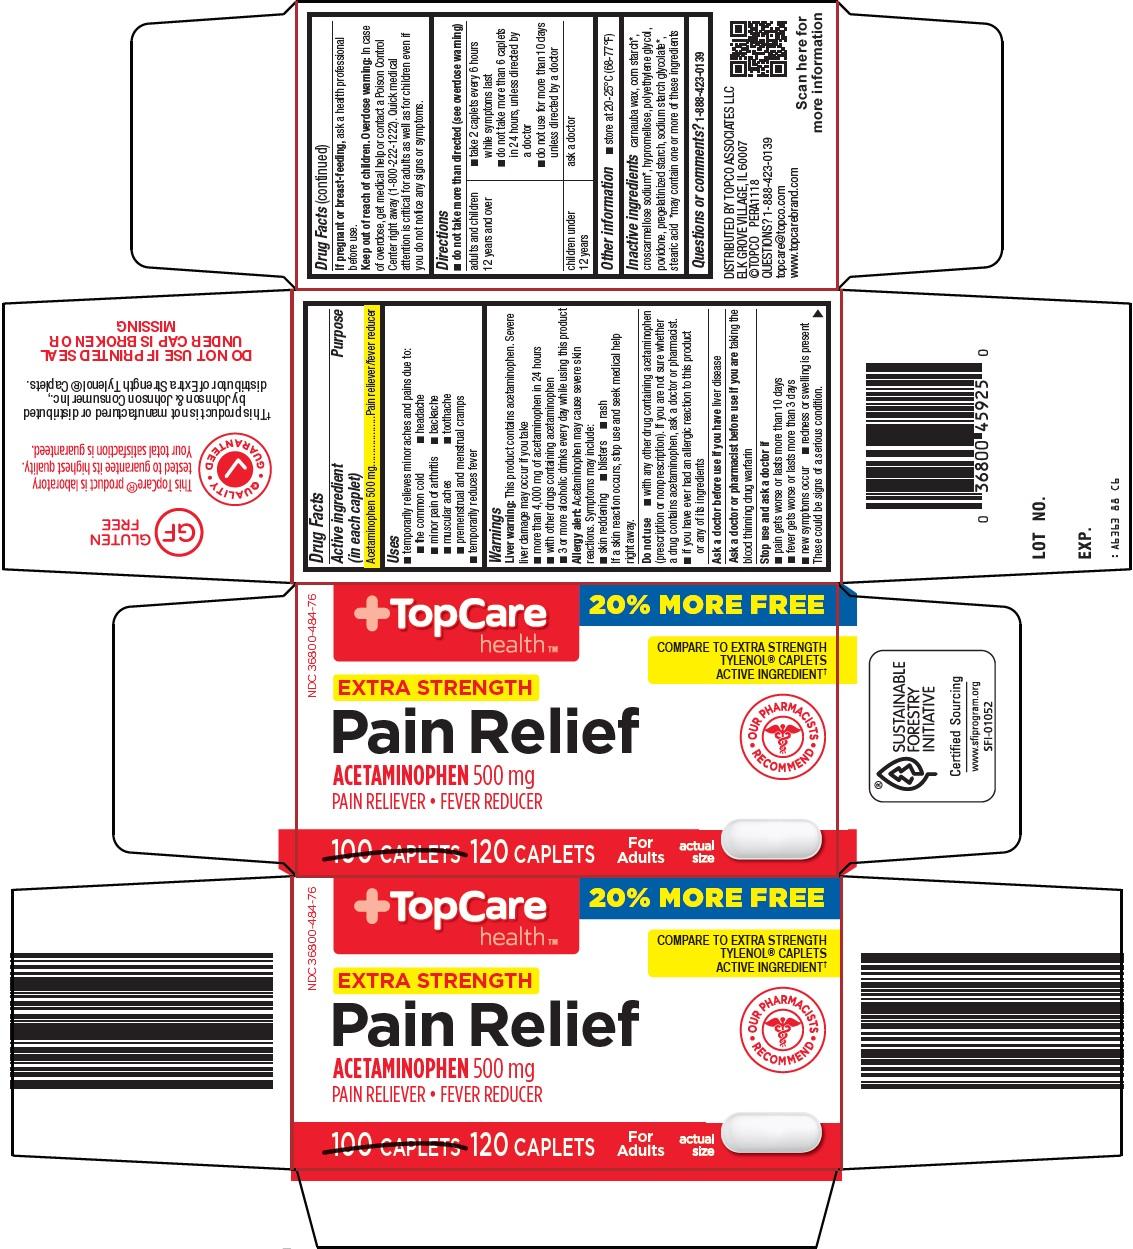 484-88-pain-relief.jpg